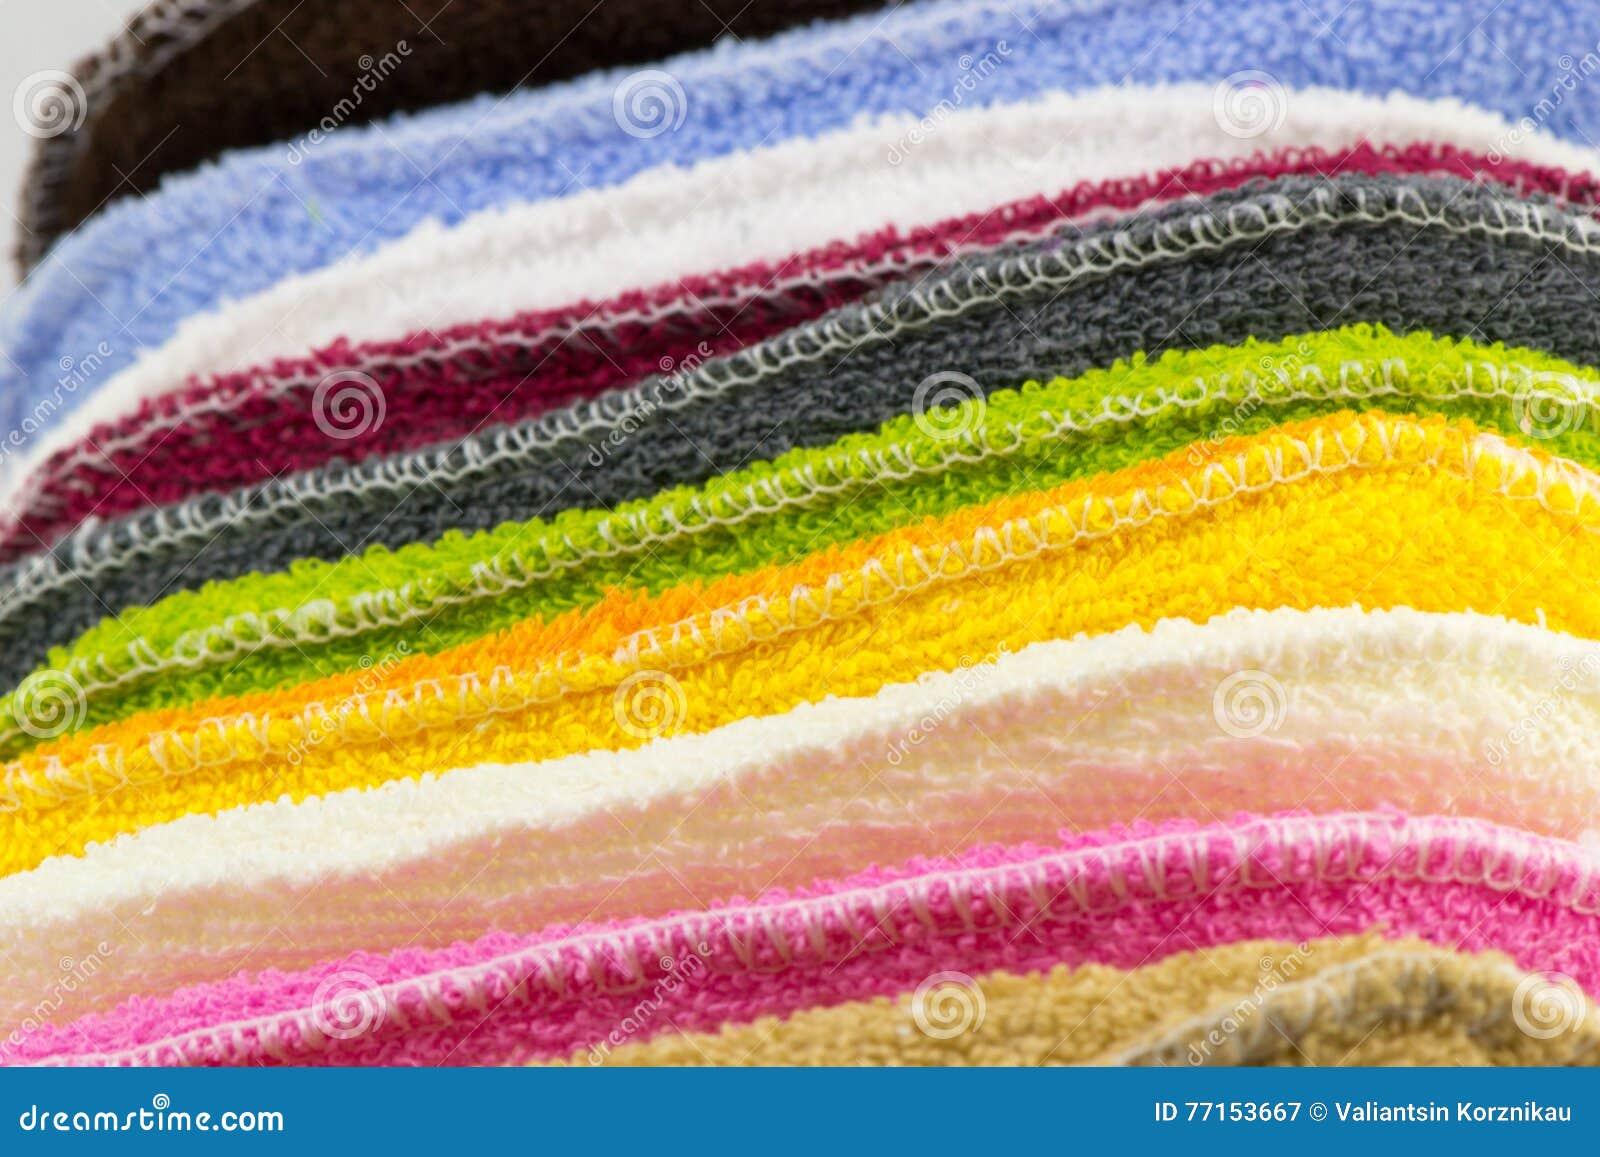 Fond des éponges colorées